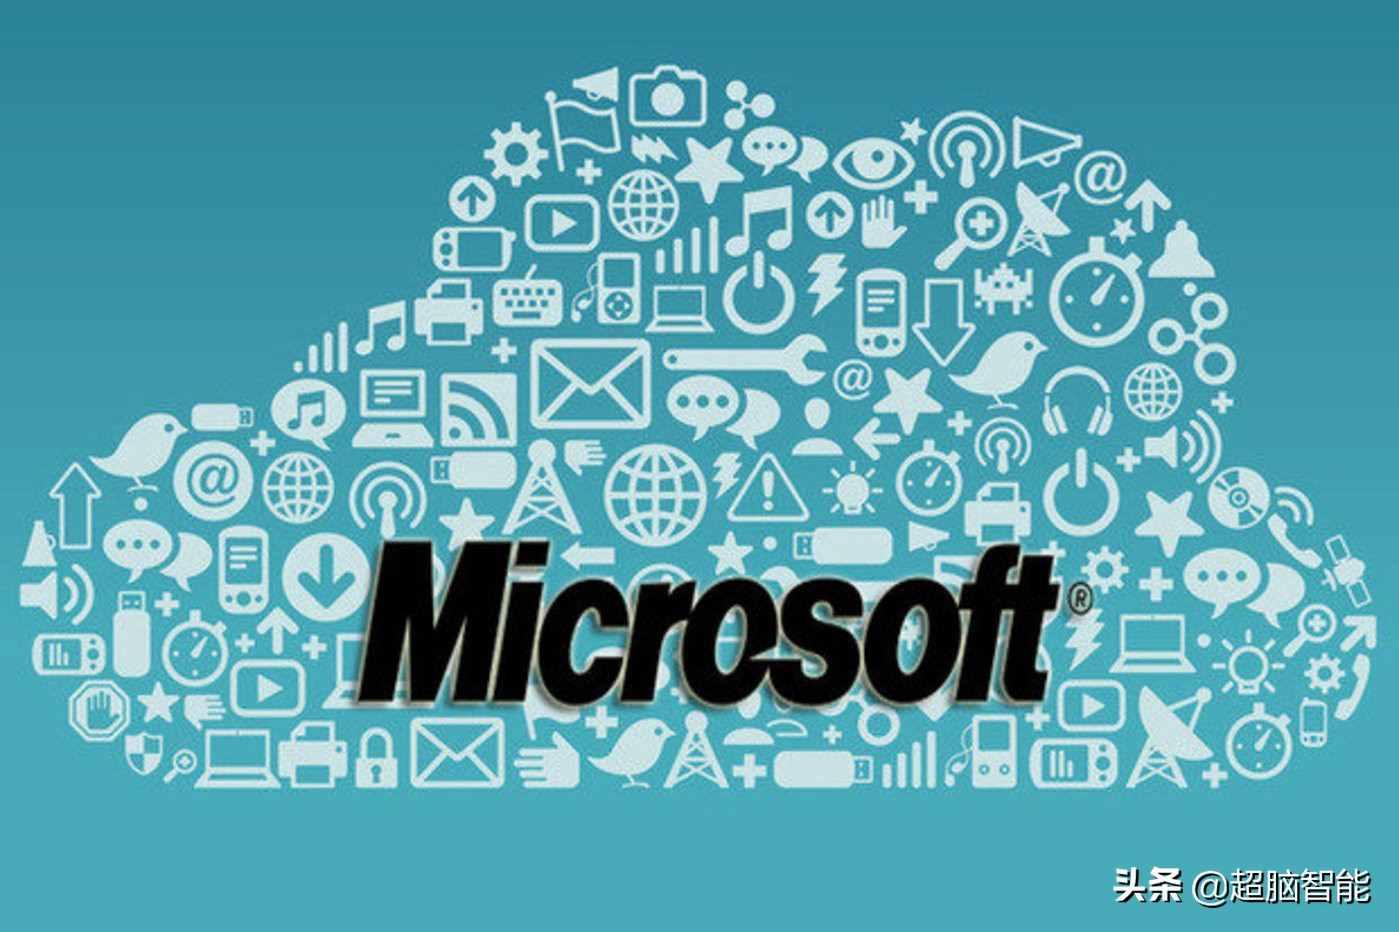 华为云宕机崩溃 全球云计算企业宕机盘点微软10次AWS阿里云全上榜